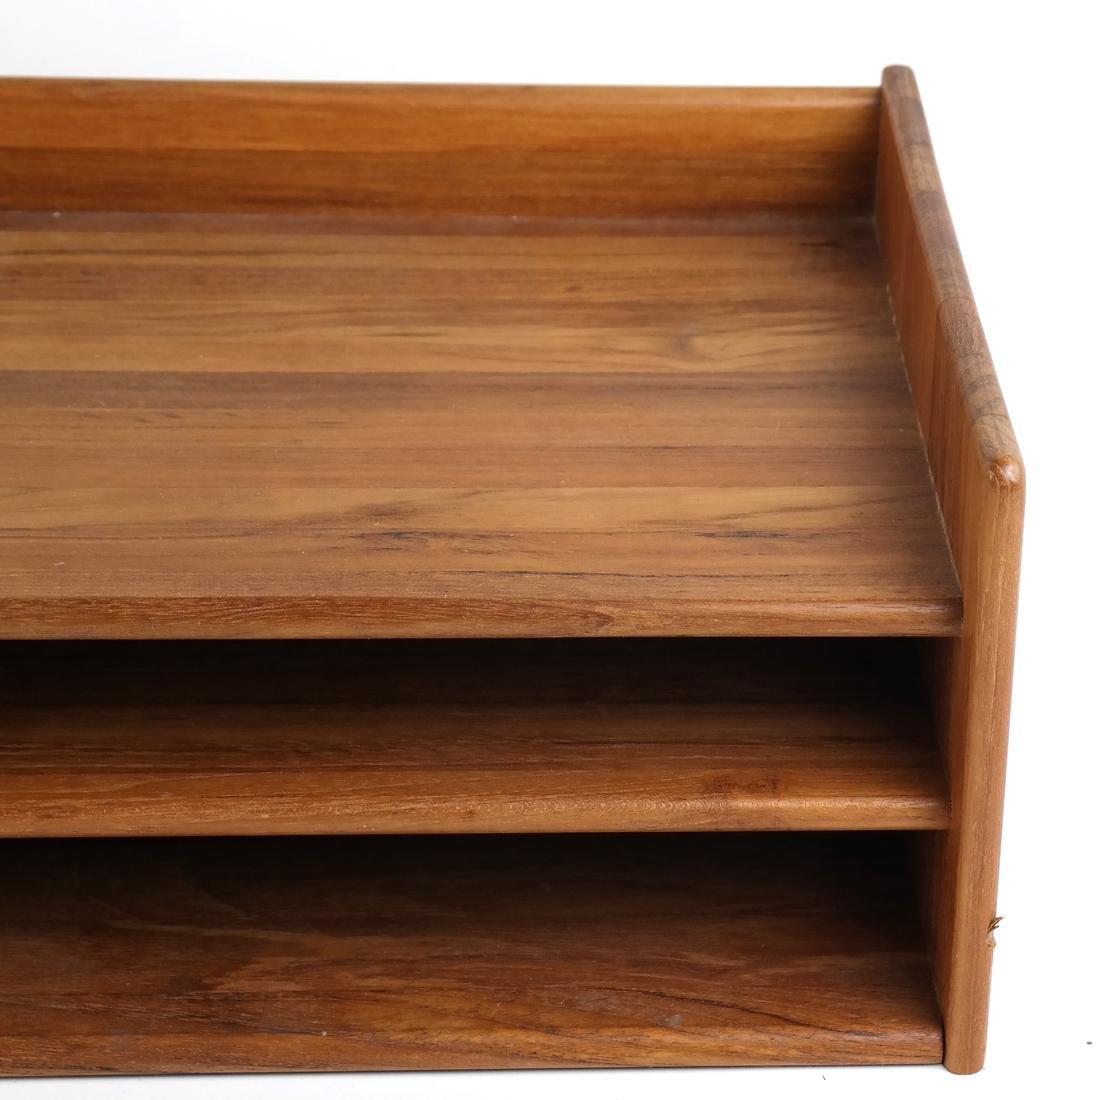 Wooden Desk Organizer - 3